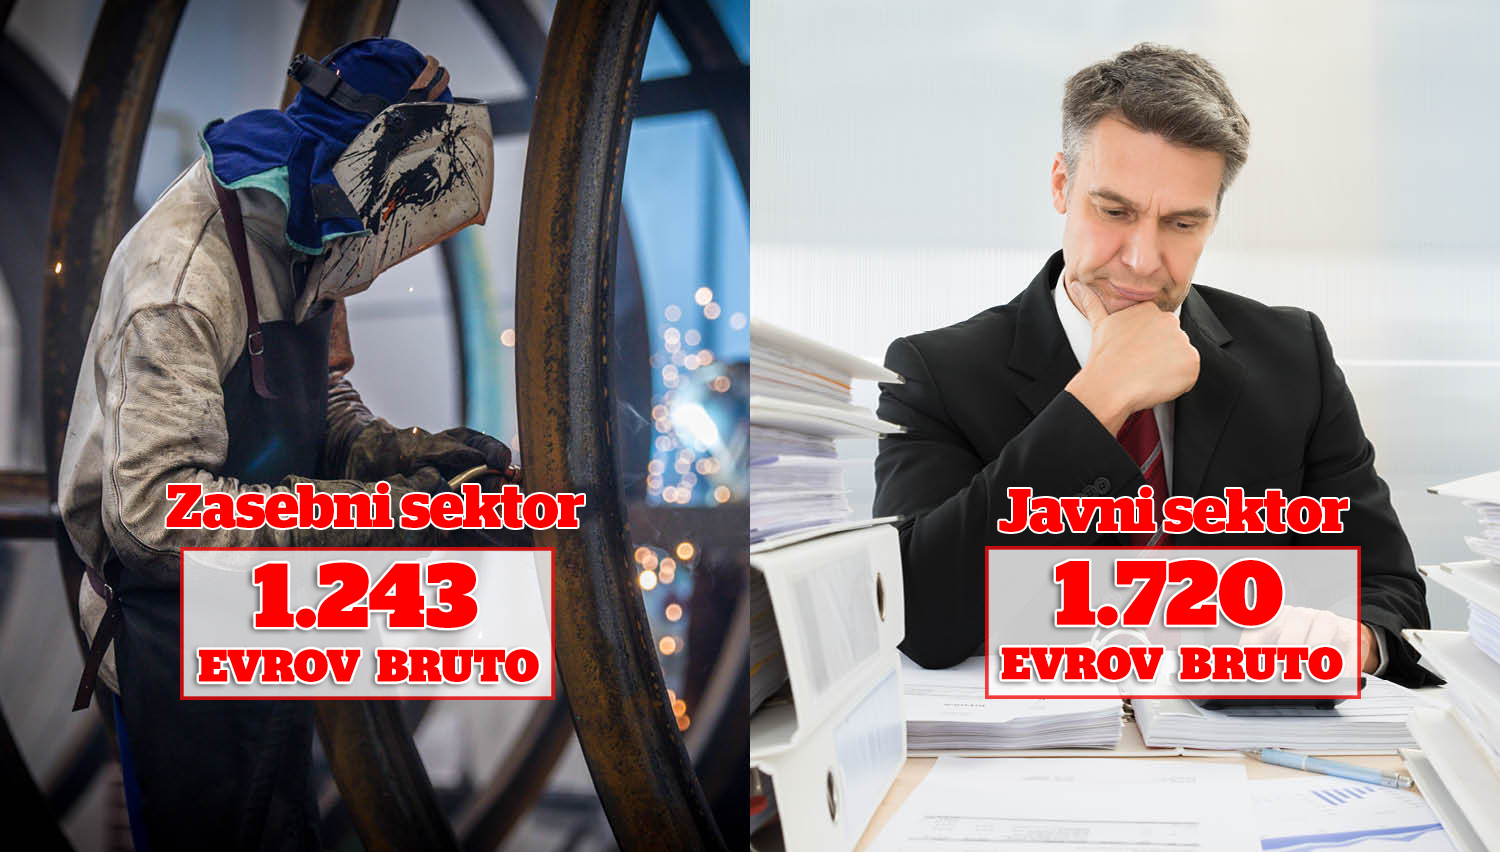 Ena Slovenija proti drugi Sloveniji – kdo bi v resnici moral stavkati